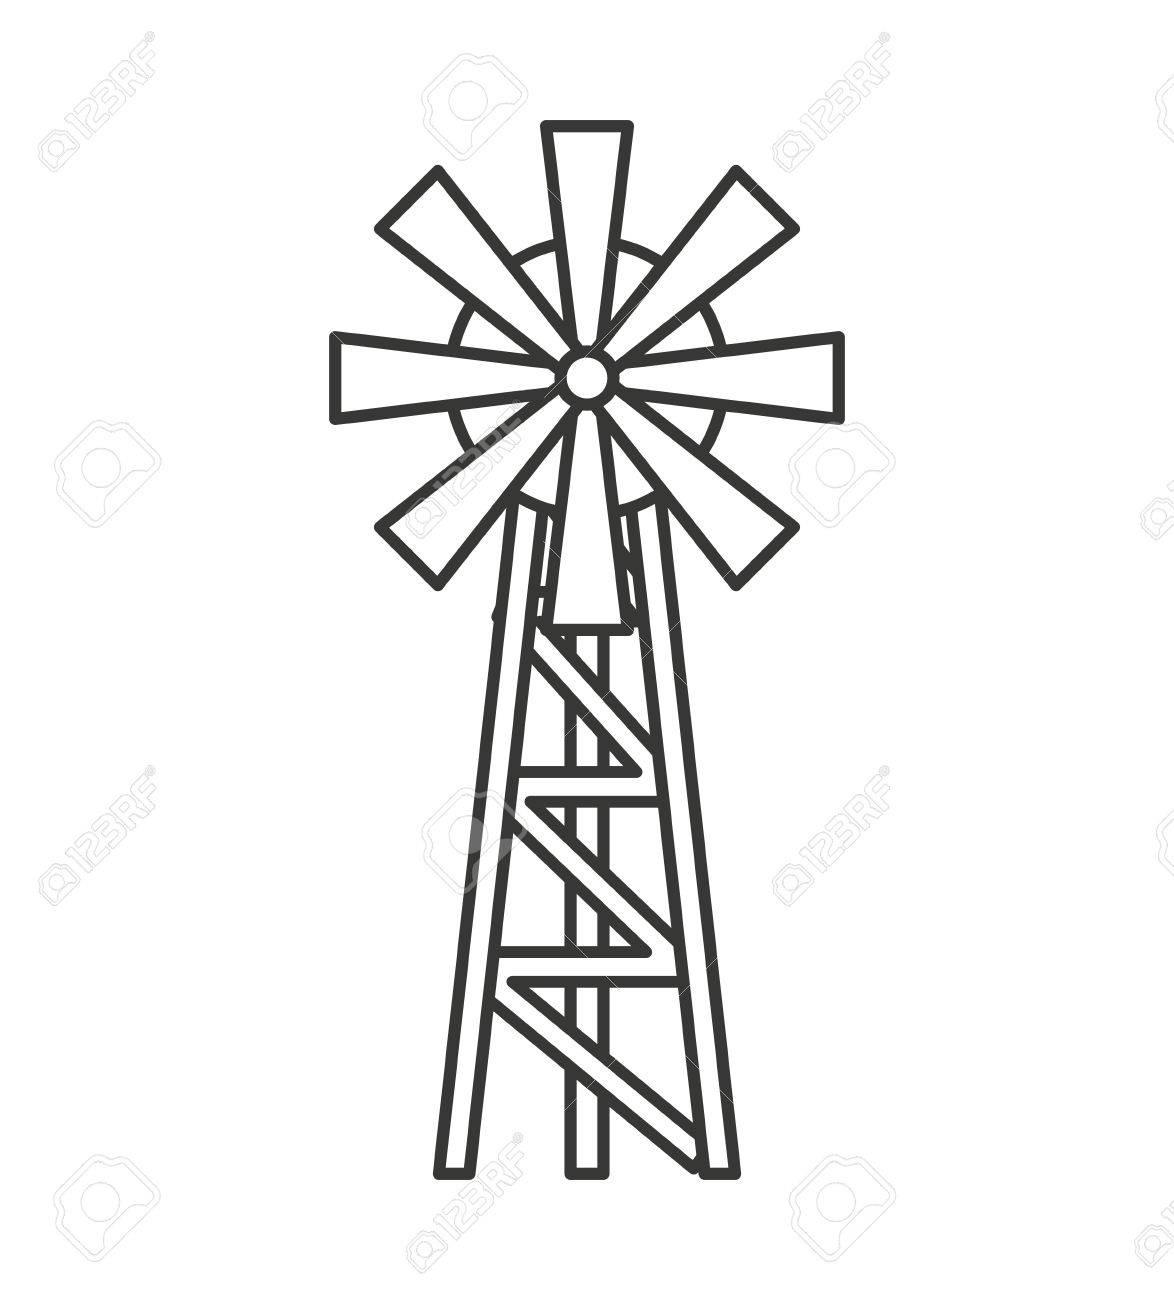 Farm Windmill Drawing At Getdrawings